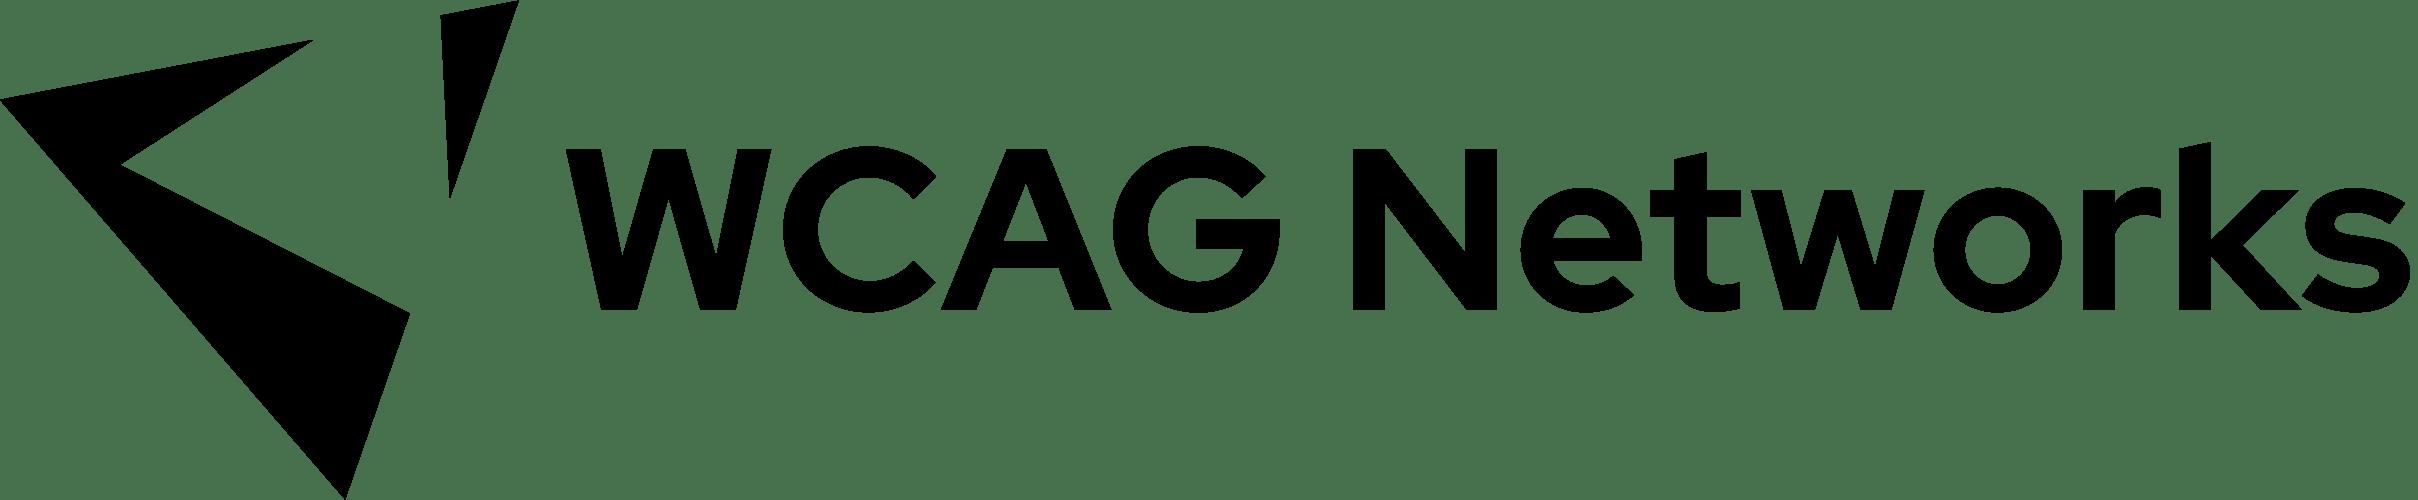 WCAG Networks, till startsidan